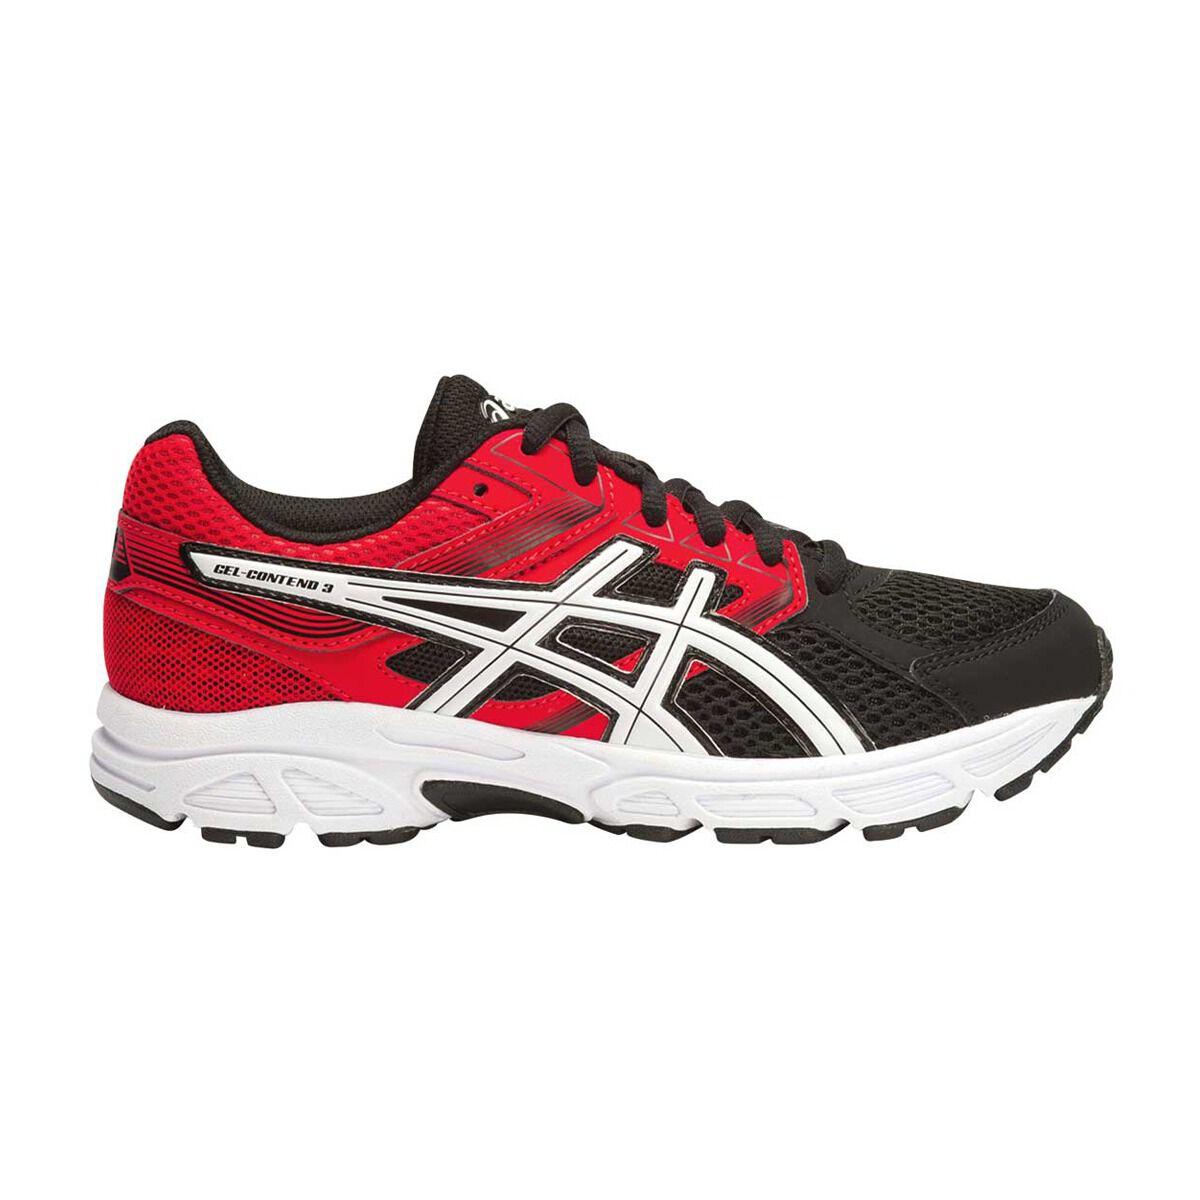 Chaussures de course | Asics Gel Contend 5 3 pour course Garçon Noir/ Blanc US 5 | 1c46969 - bokep21.site